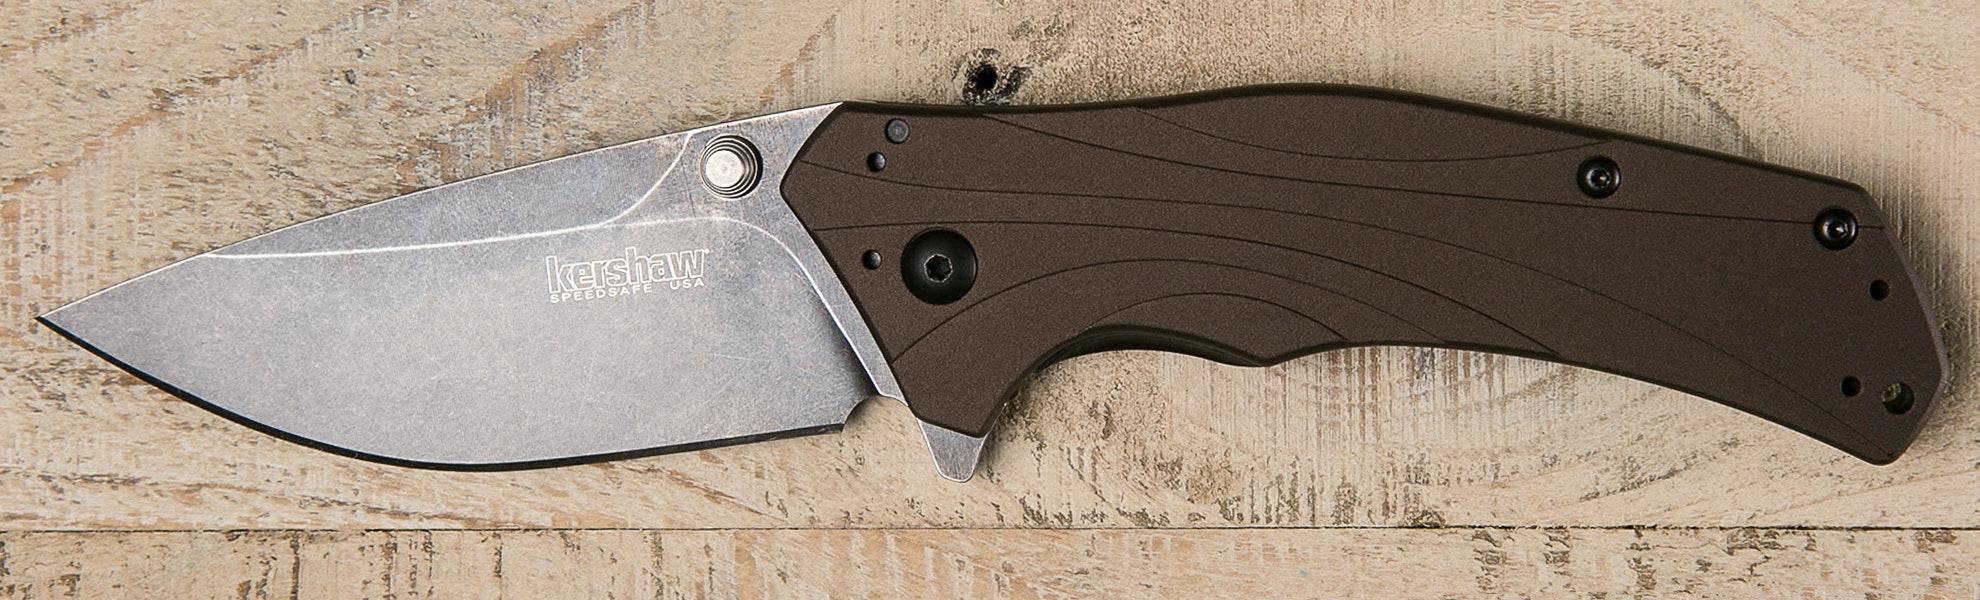 Kershaw Knockout ELMAX Blade